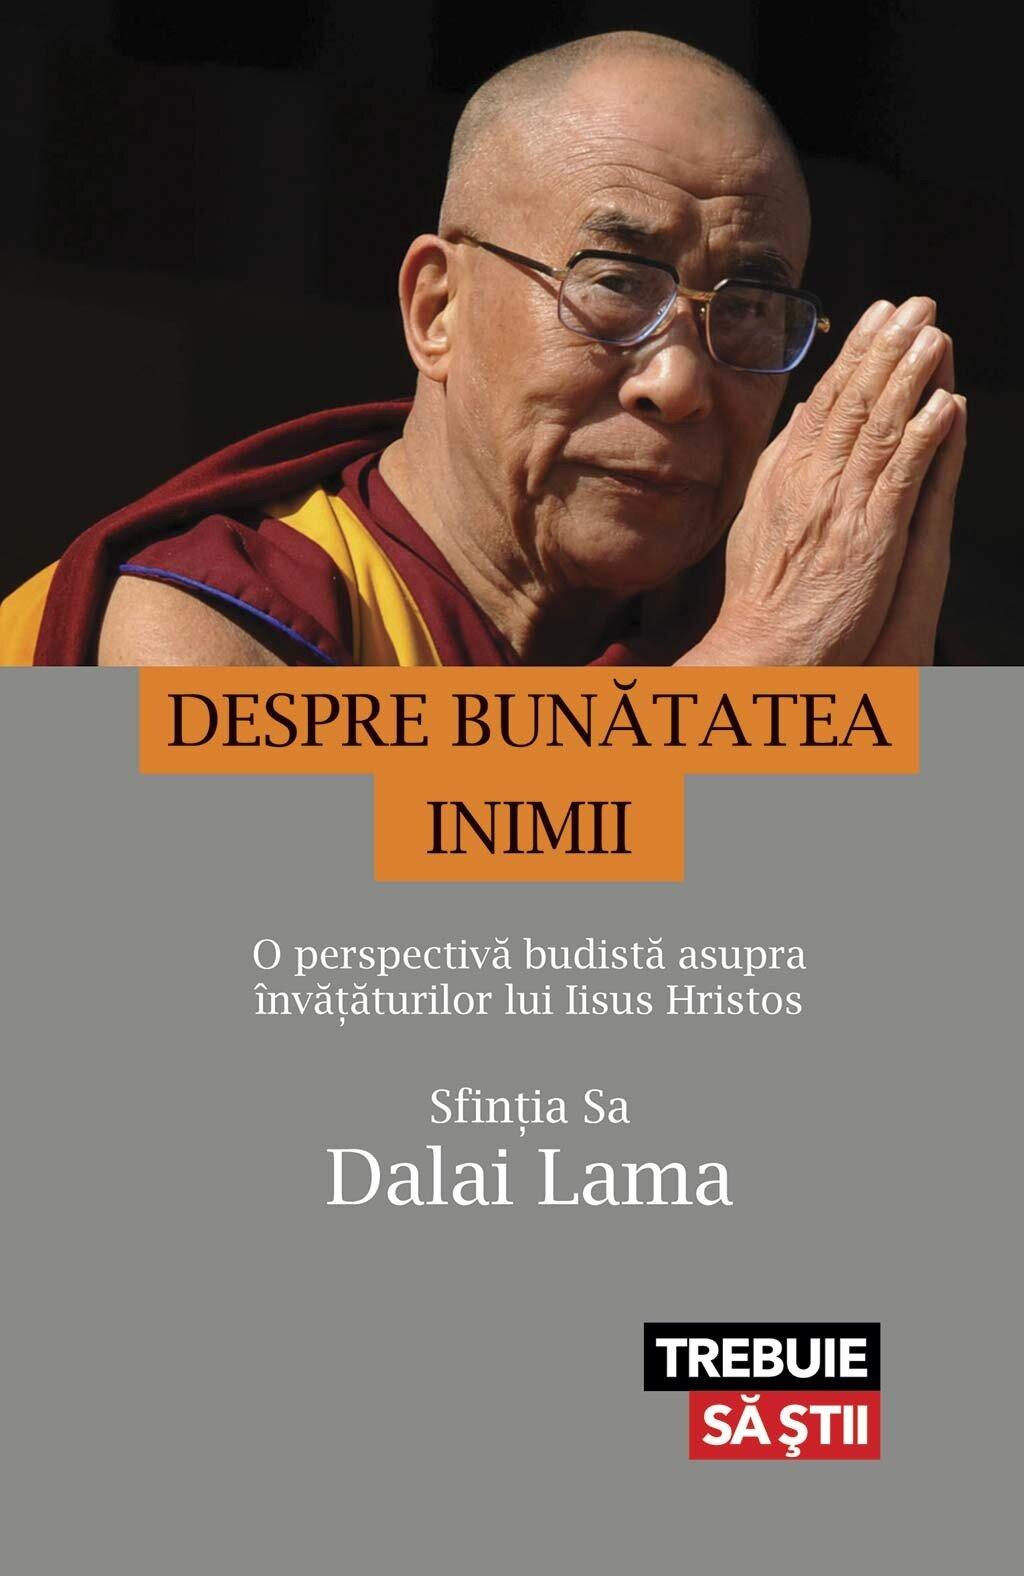 Despre bunatatea inimii. O perspectiva budista asupra invataturilor lui Iisus Hristos (eBook)